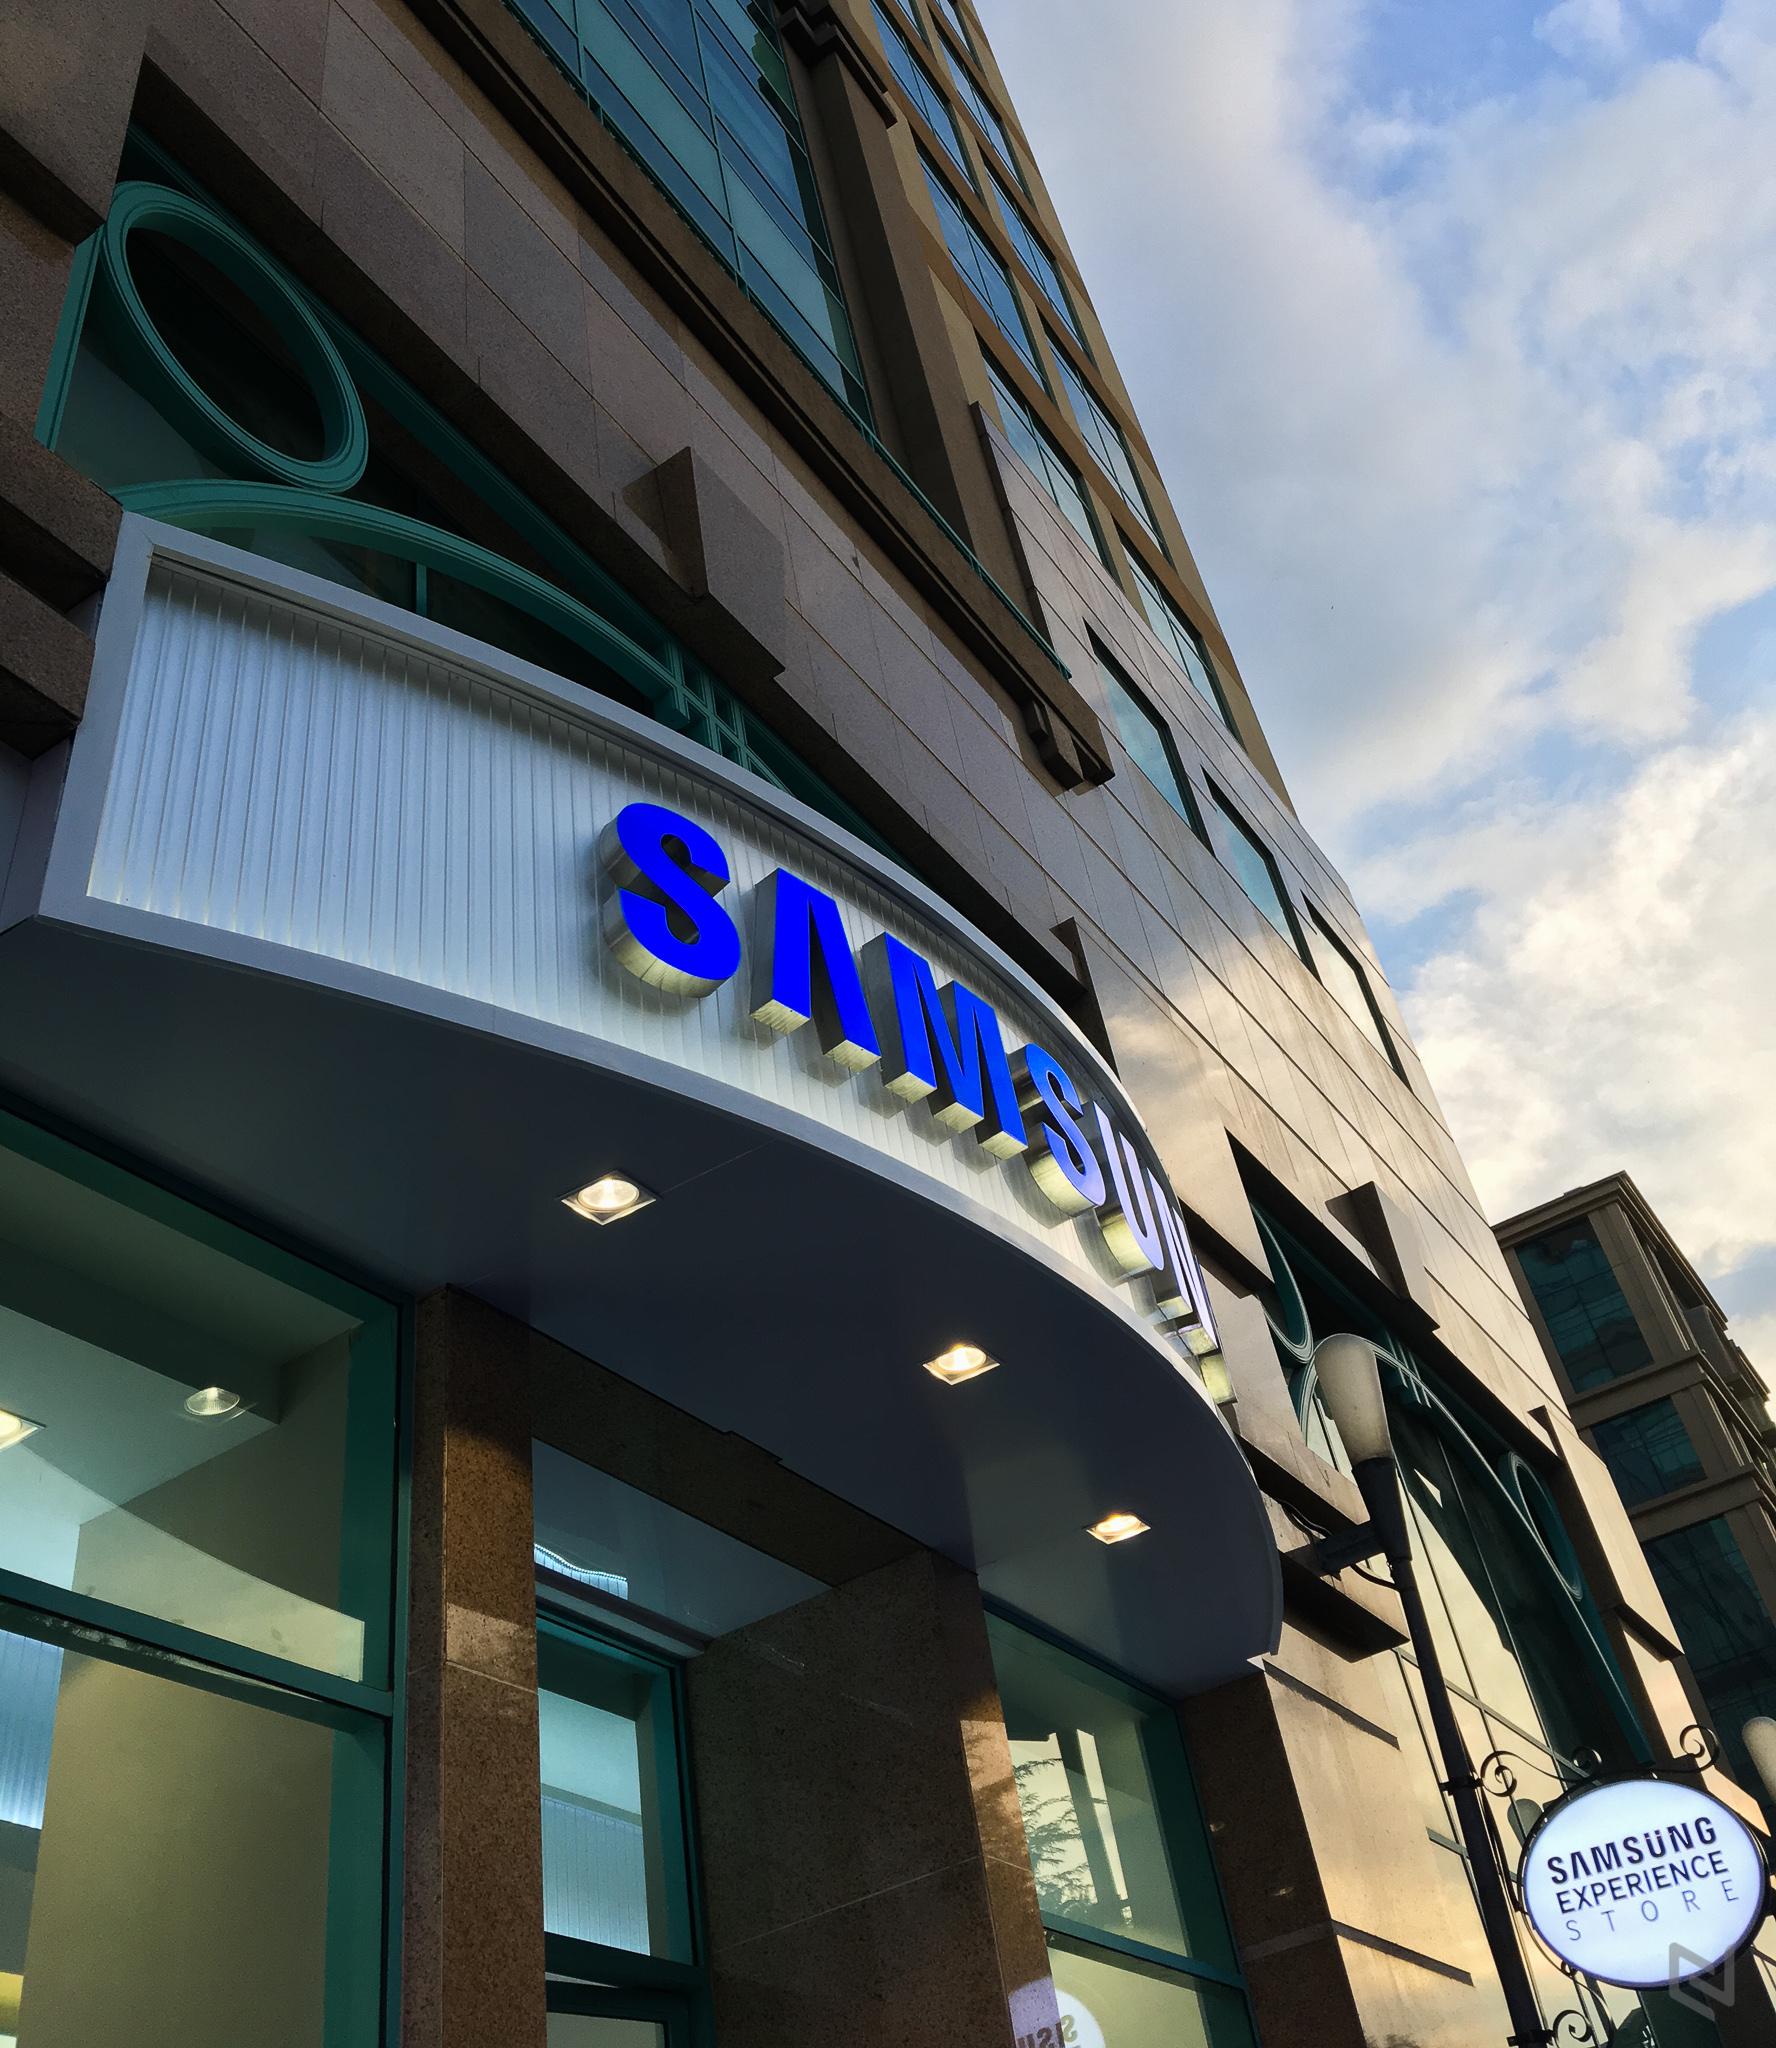 Samsung cùng Mai Nguyên khai trương cửa hàng trải nghiệm lớn nhất Việt Nam